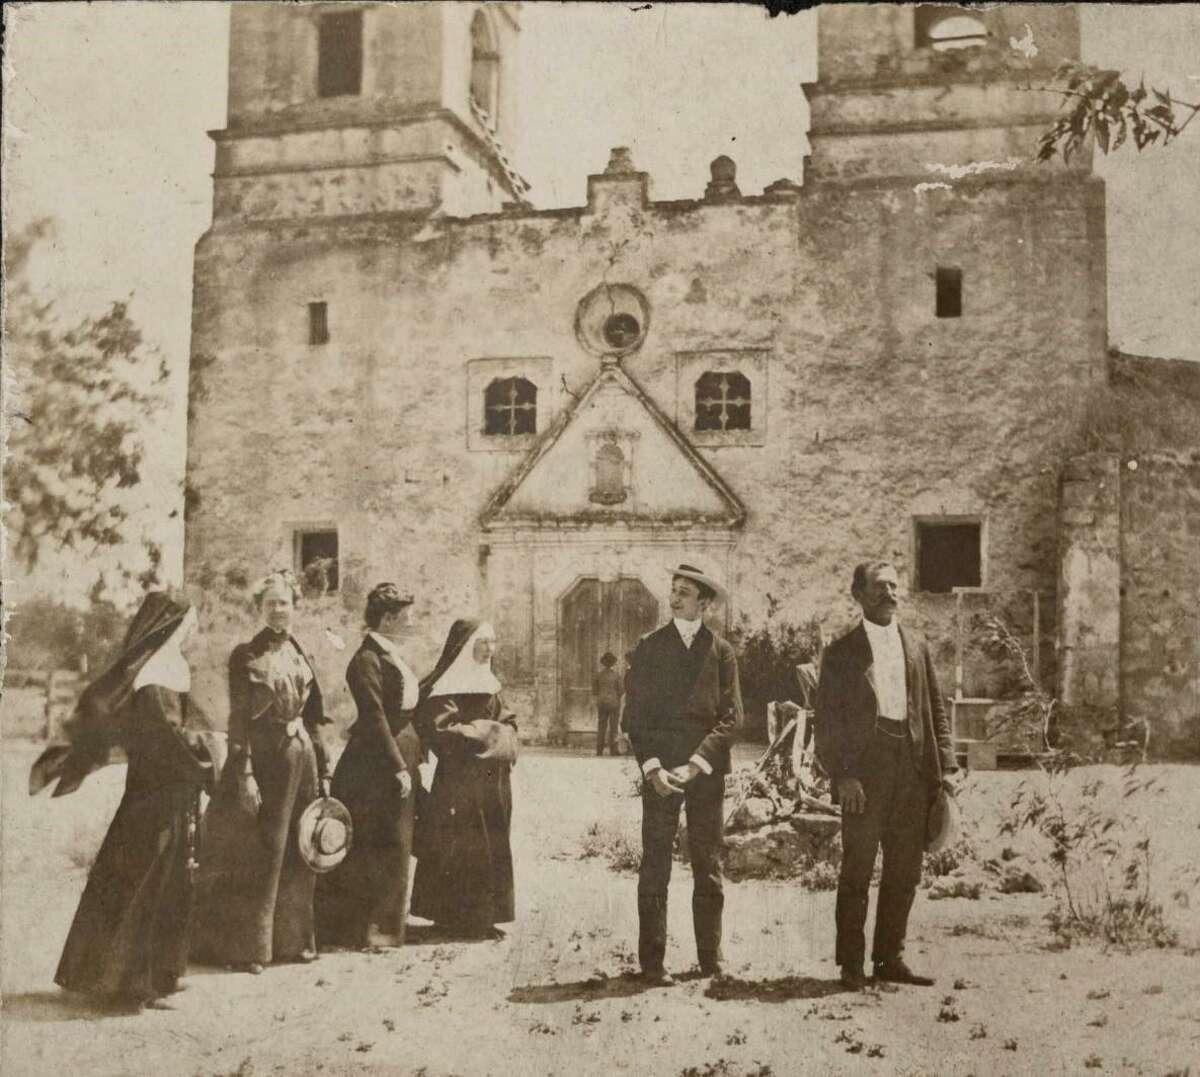 Mother St. Alphonse Brollier (near the middle) visits Mission Nuestra Señora de la Purísima Concepción de Acuna (Mission Concepción) in 1882.